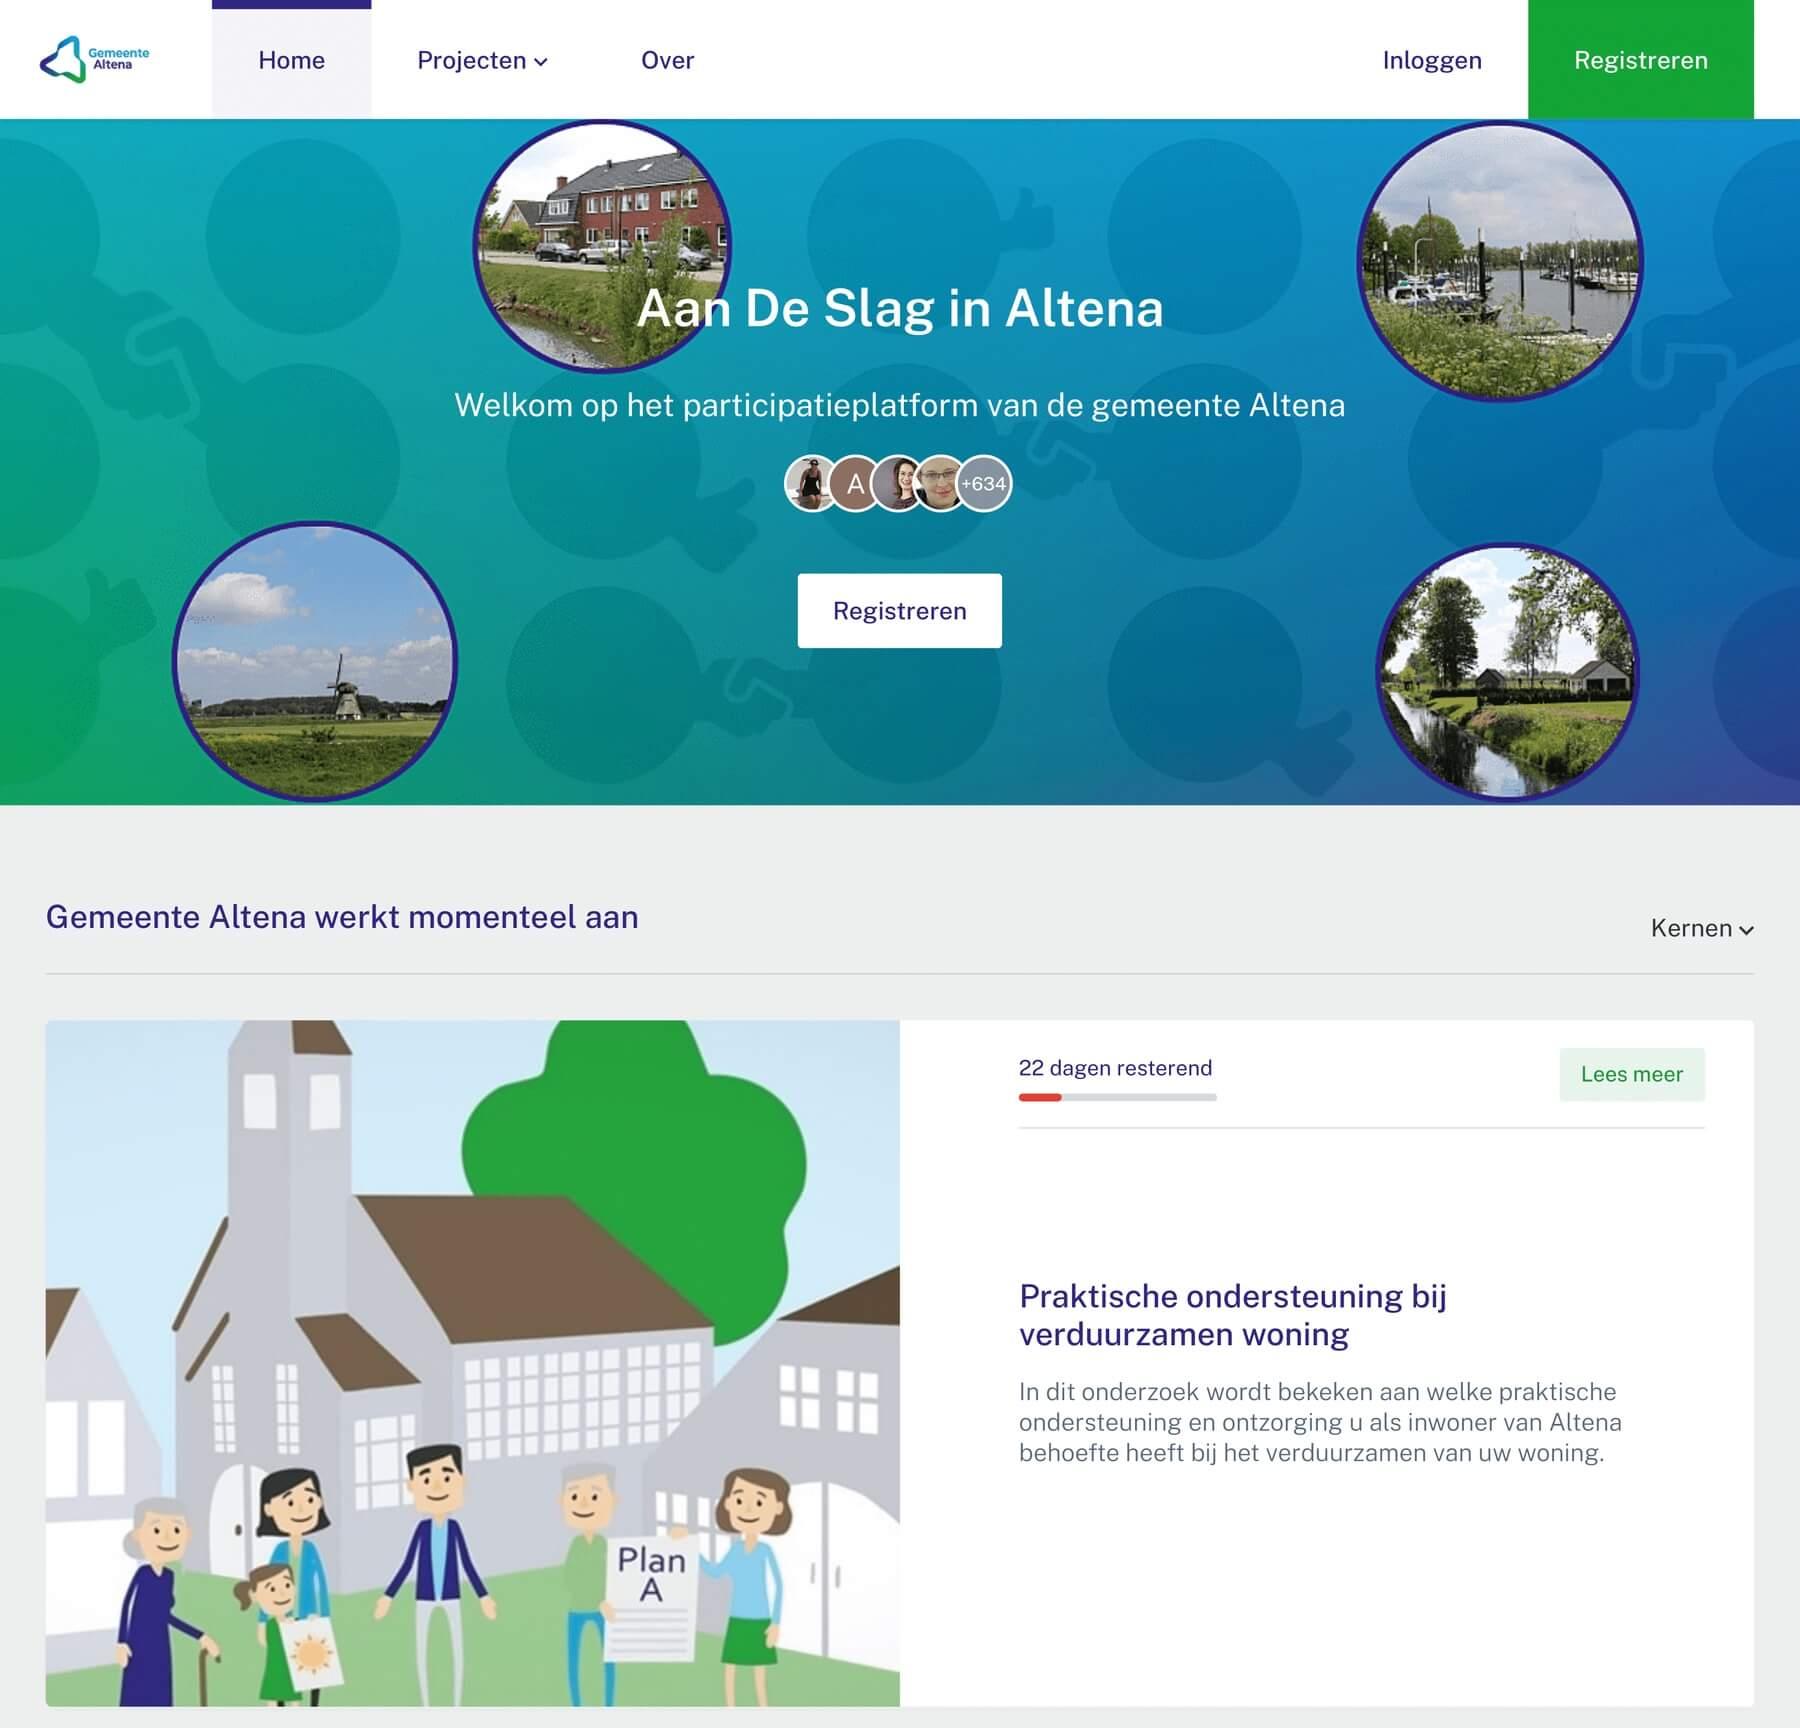 Aan de slag (participatieplatform gem Altena)